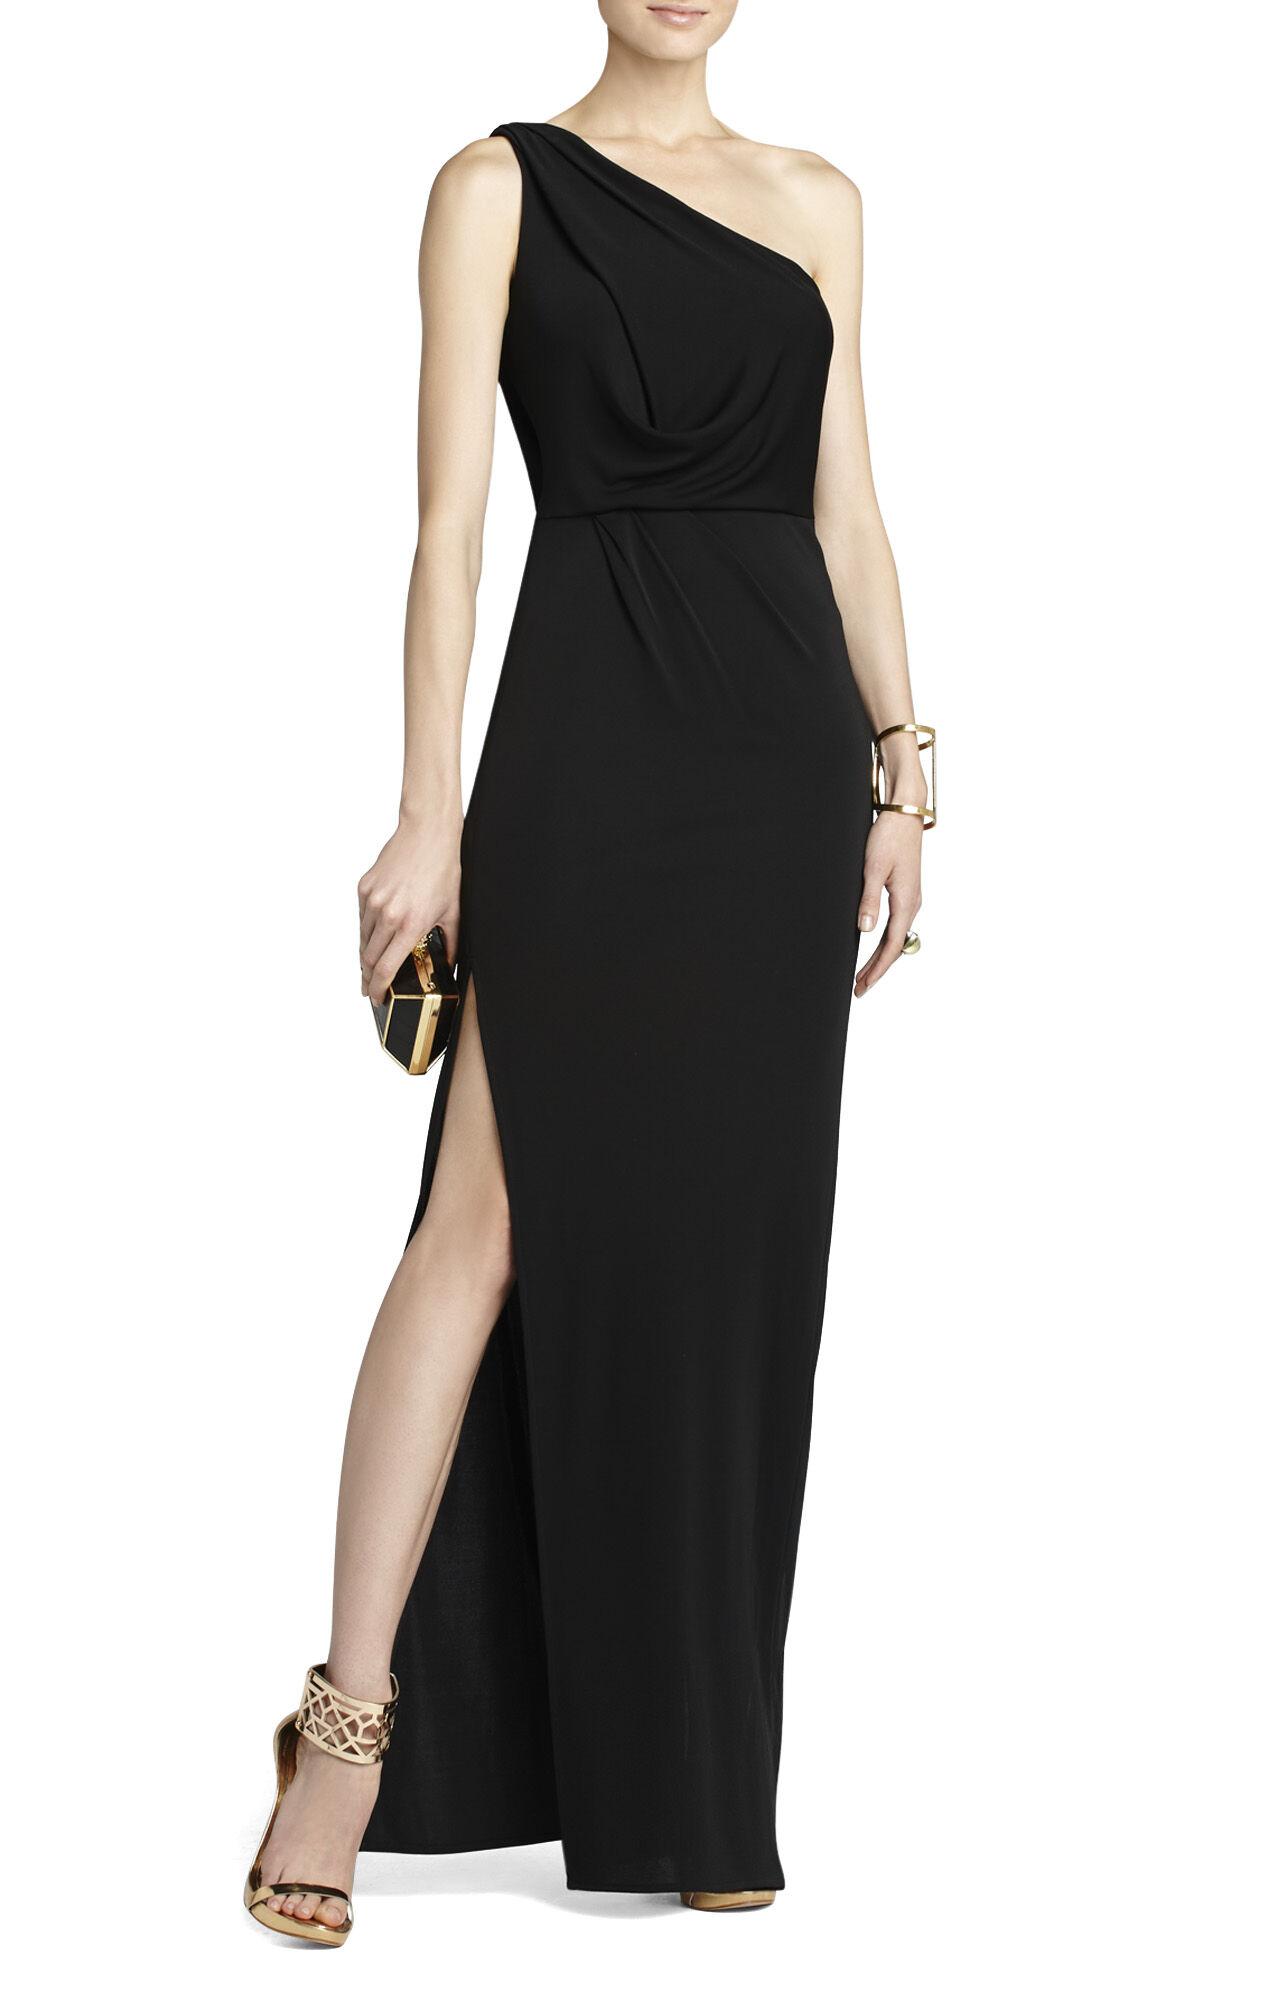 BCBGMAXAZRIA Snejana One-Shoulder Evening Gown | BCBG.com